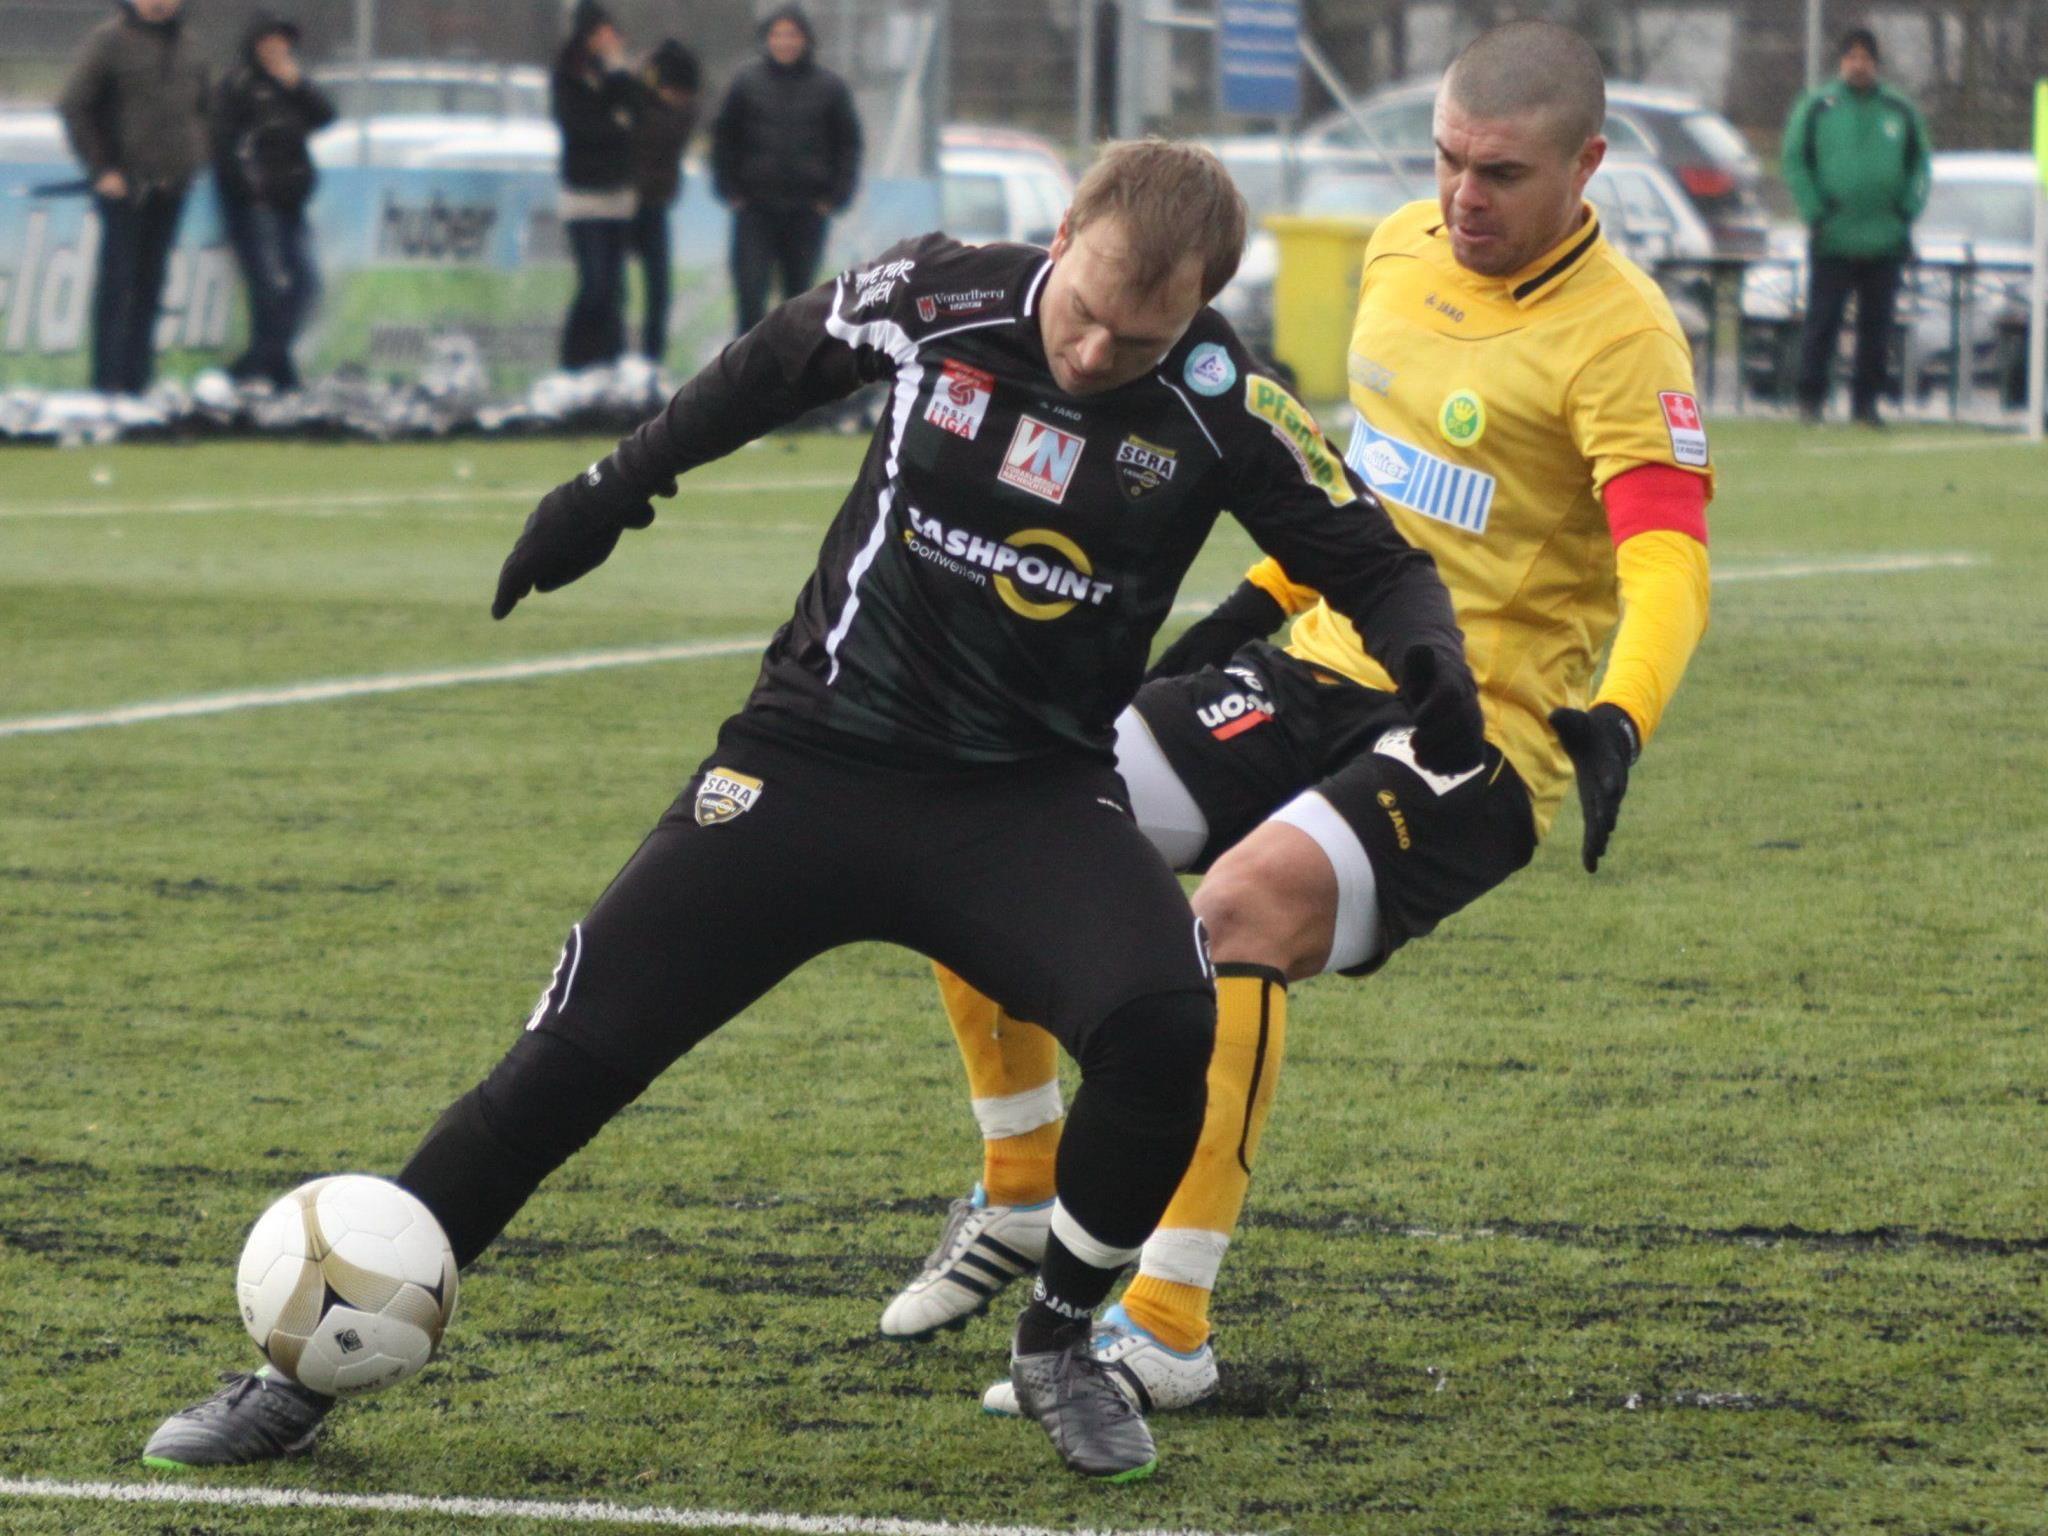 Patrick Seeger spielt 45 Minuten, aber blieb ohne Torerfolg.